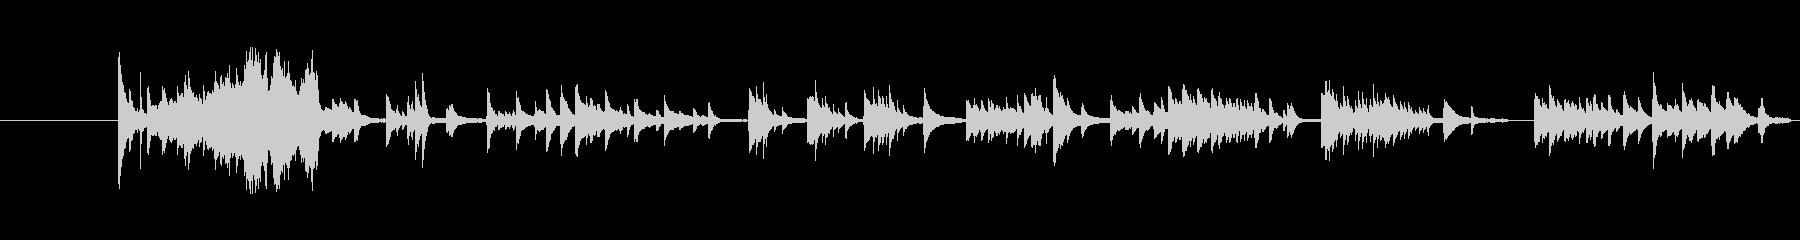 感動的で切ないピアノバラードの未再生の波形